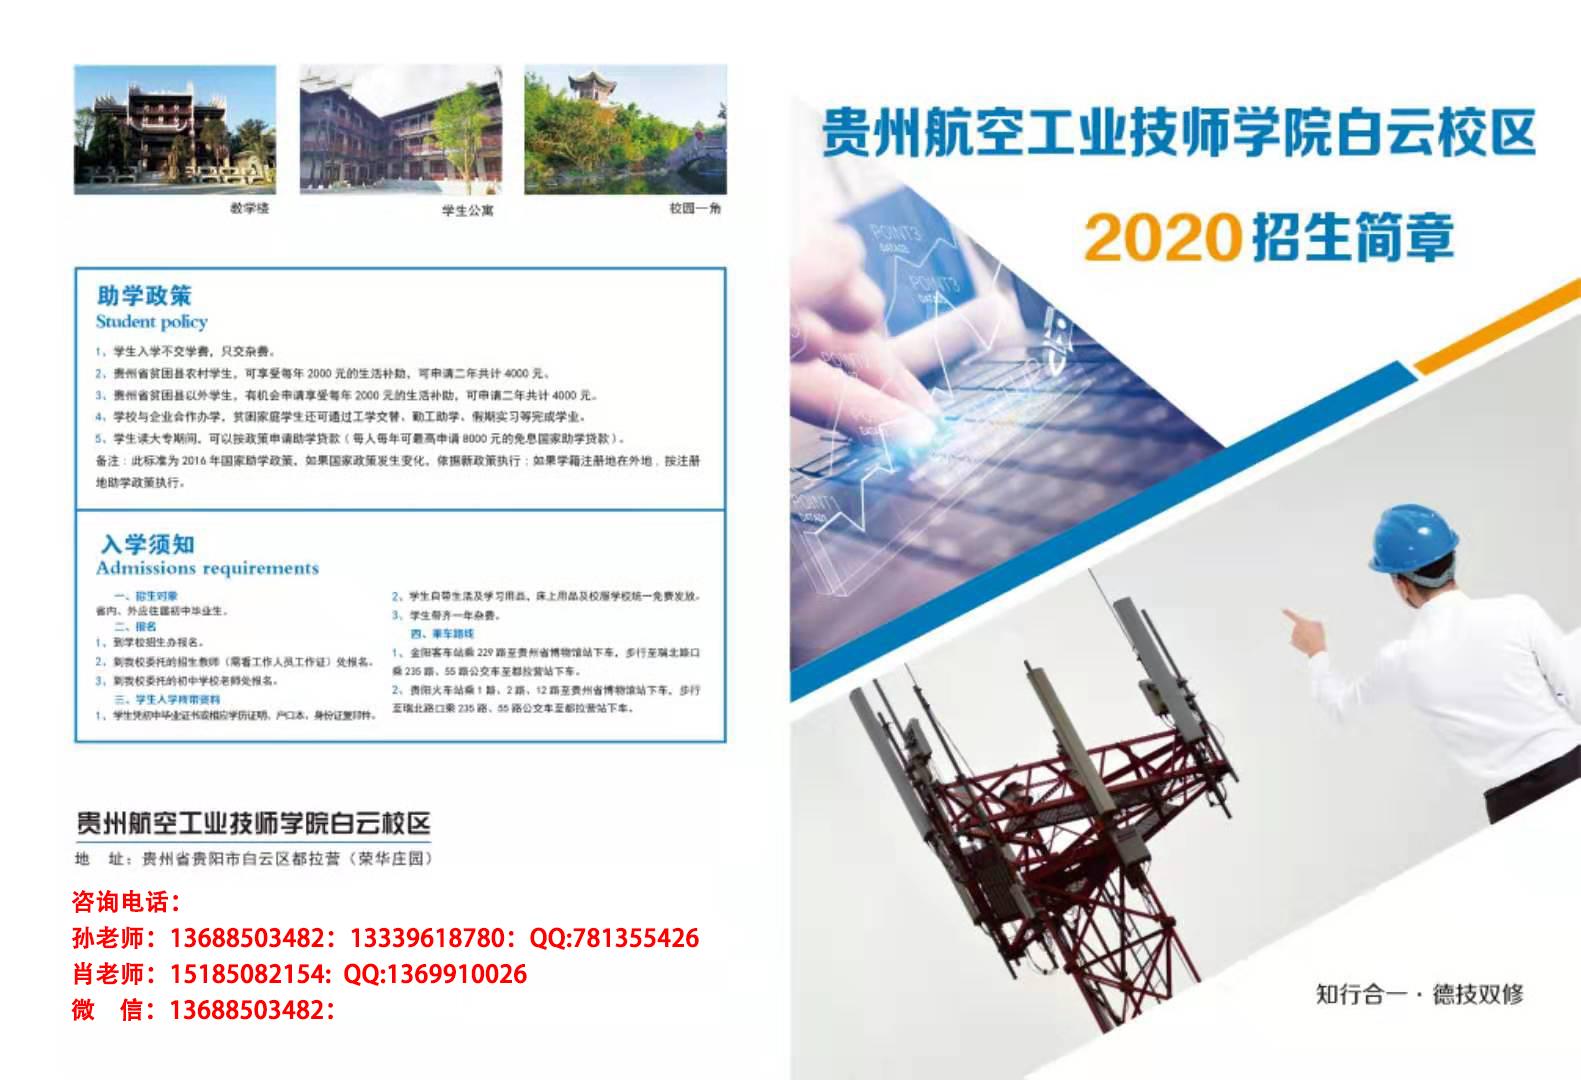 贵州航空工业技师学院白云校区2020年招...